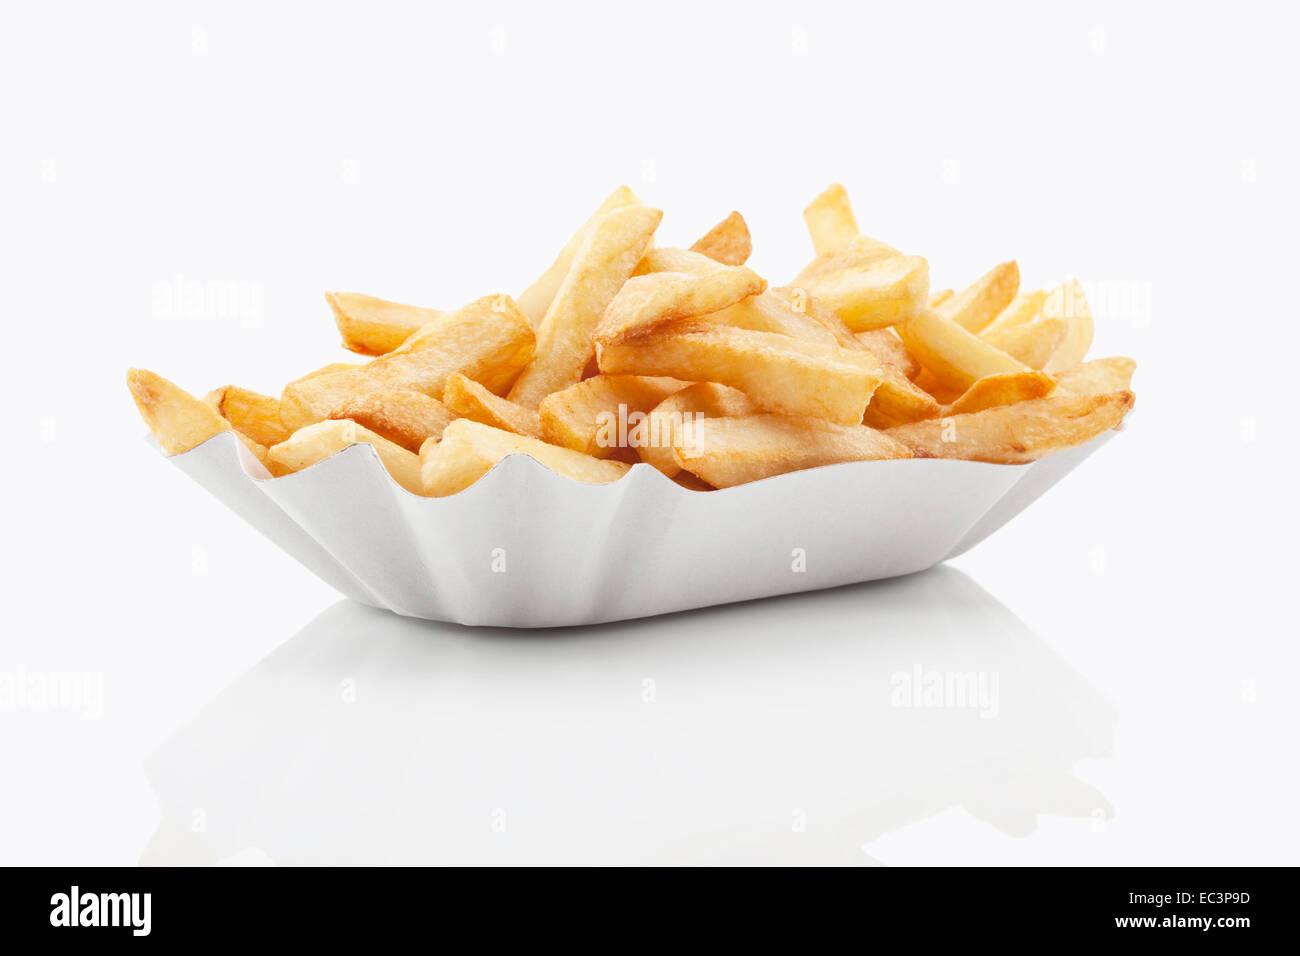 Pommes frittes Stockbild